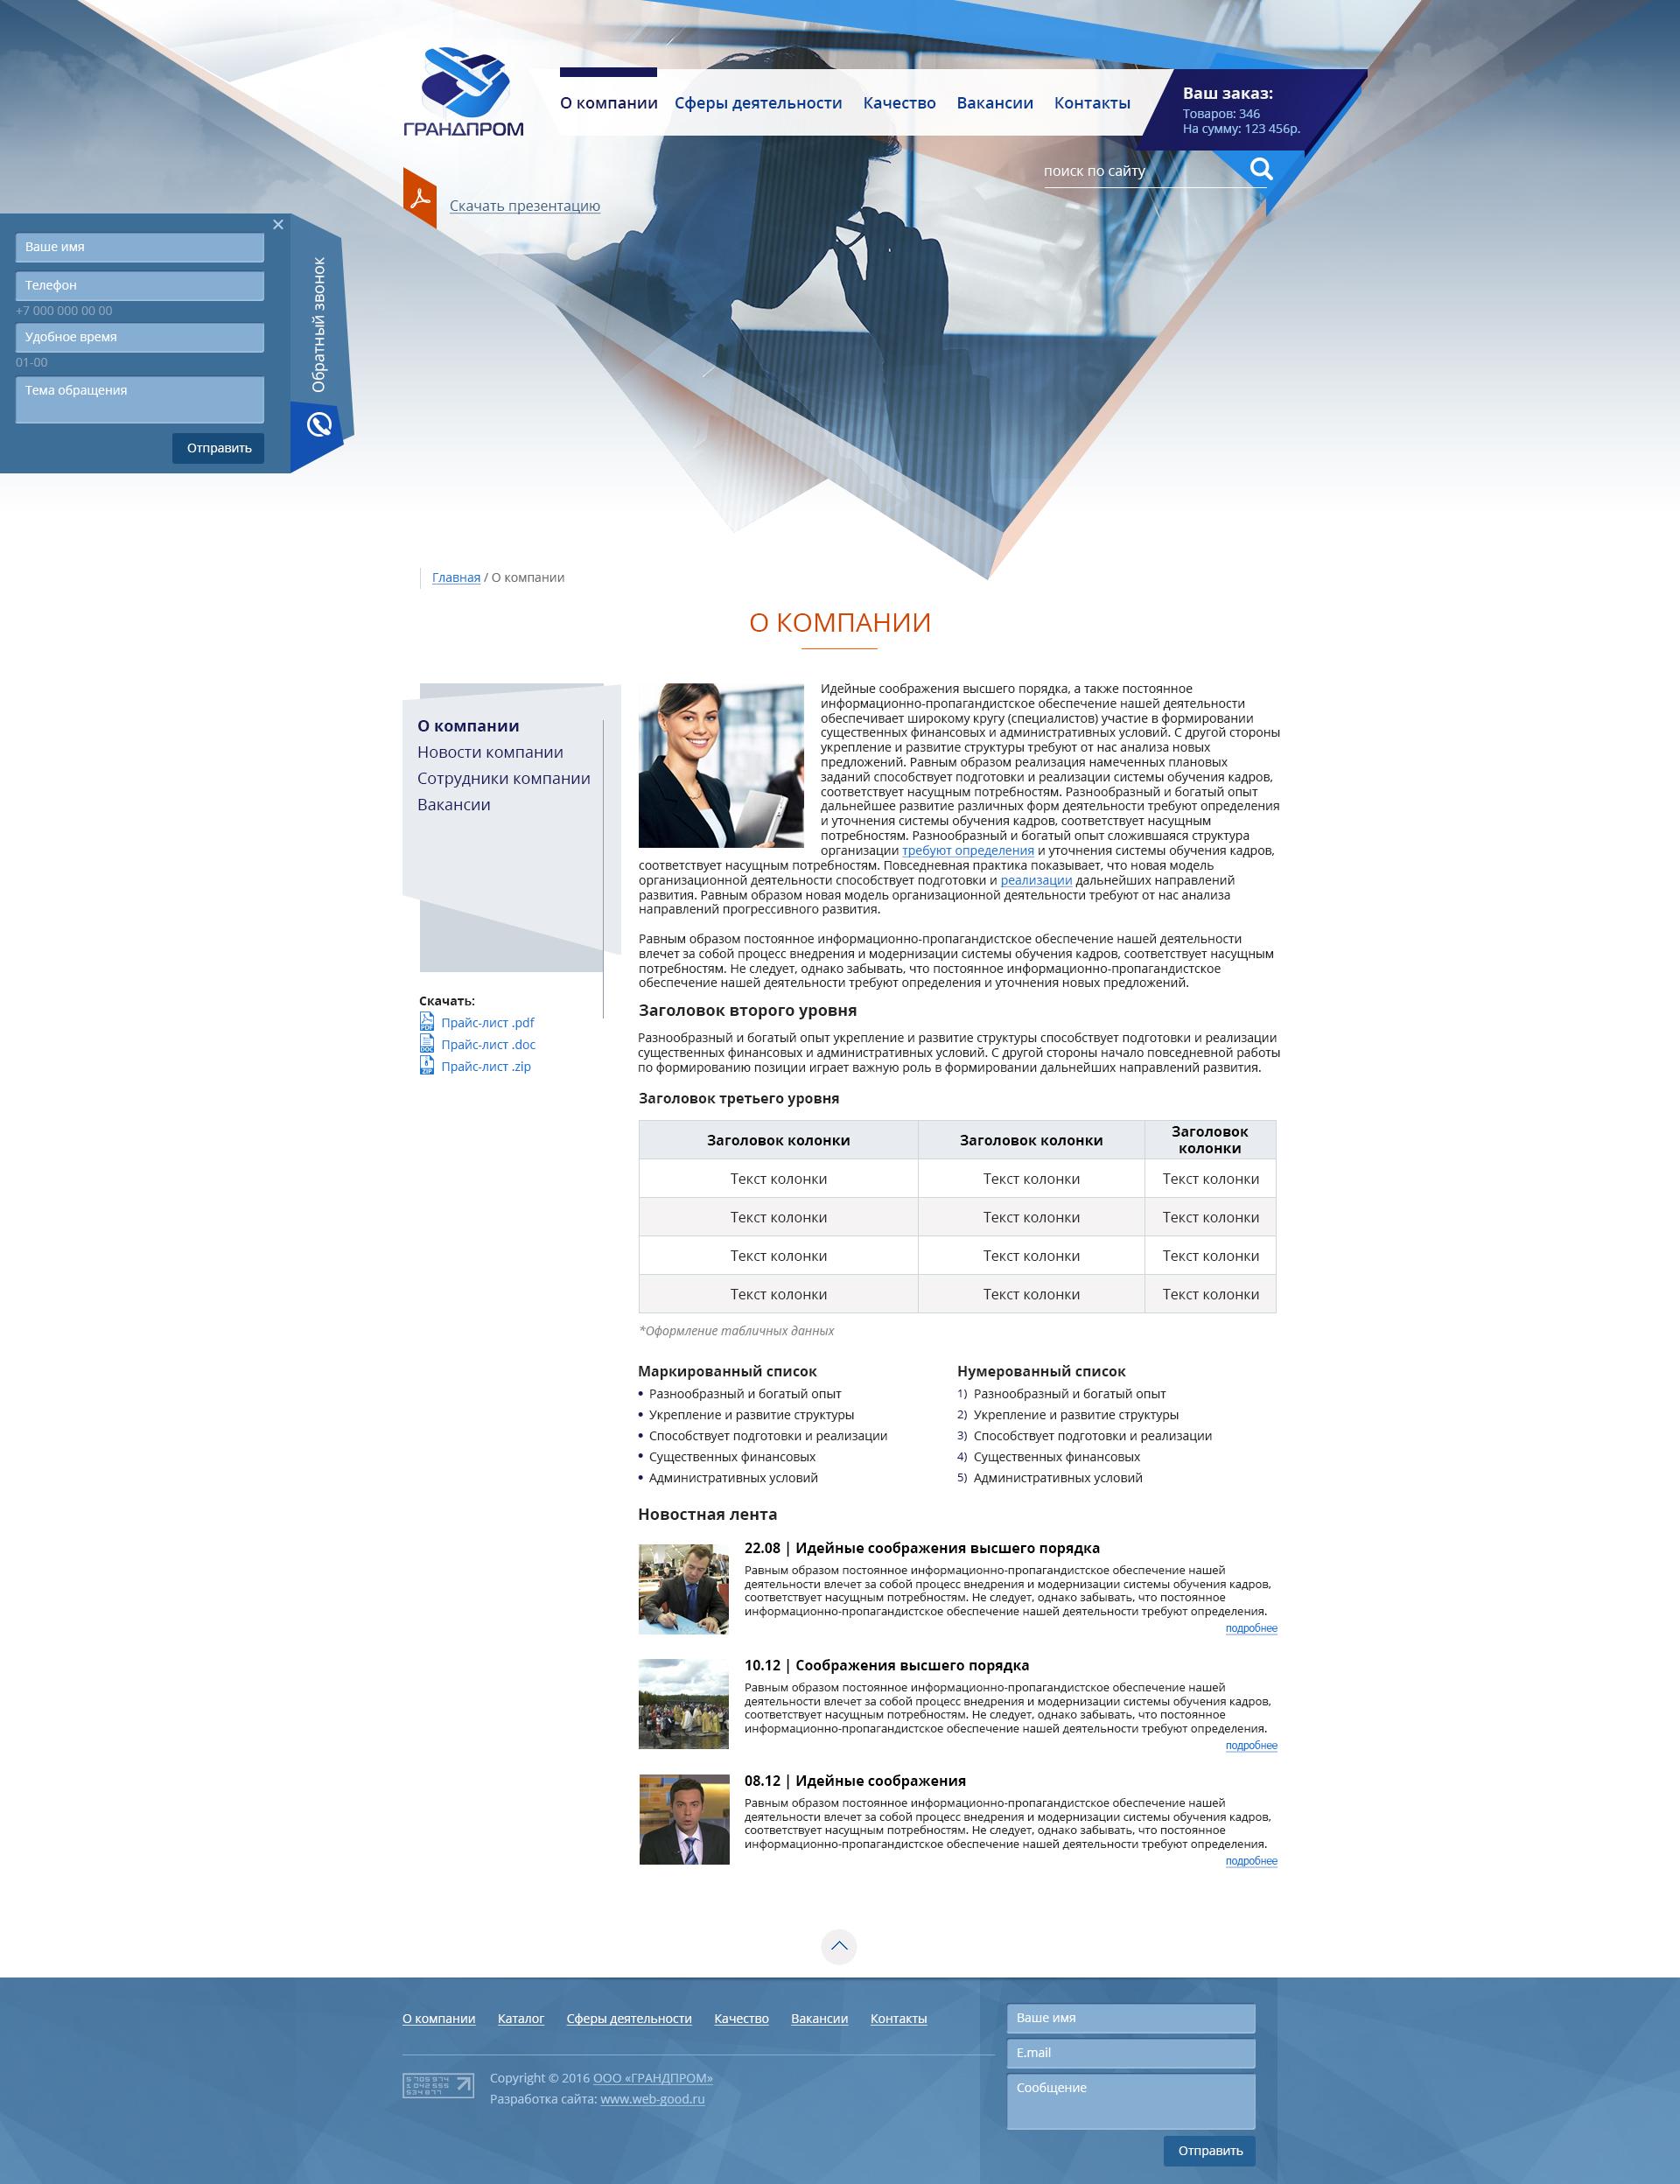 Информационная страница Грандпром